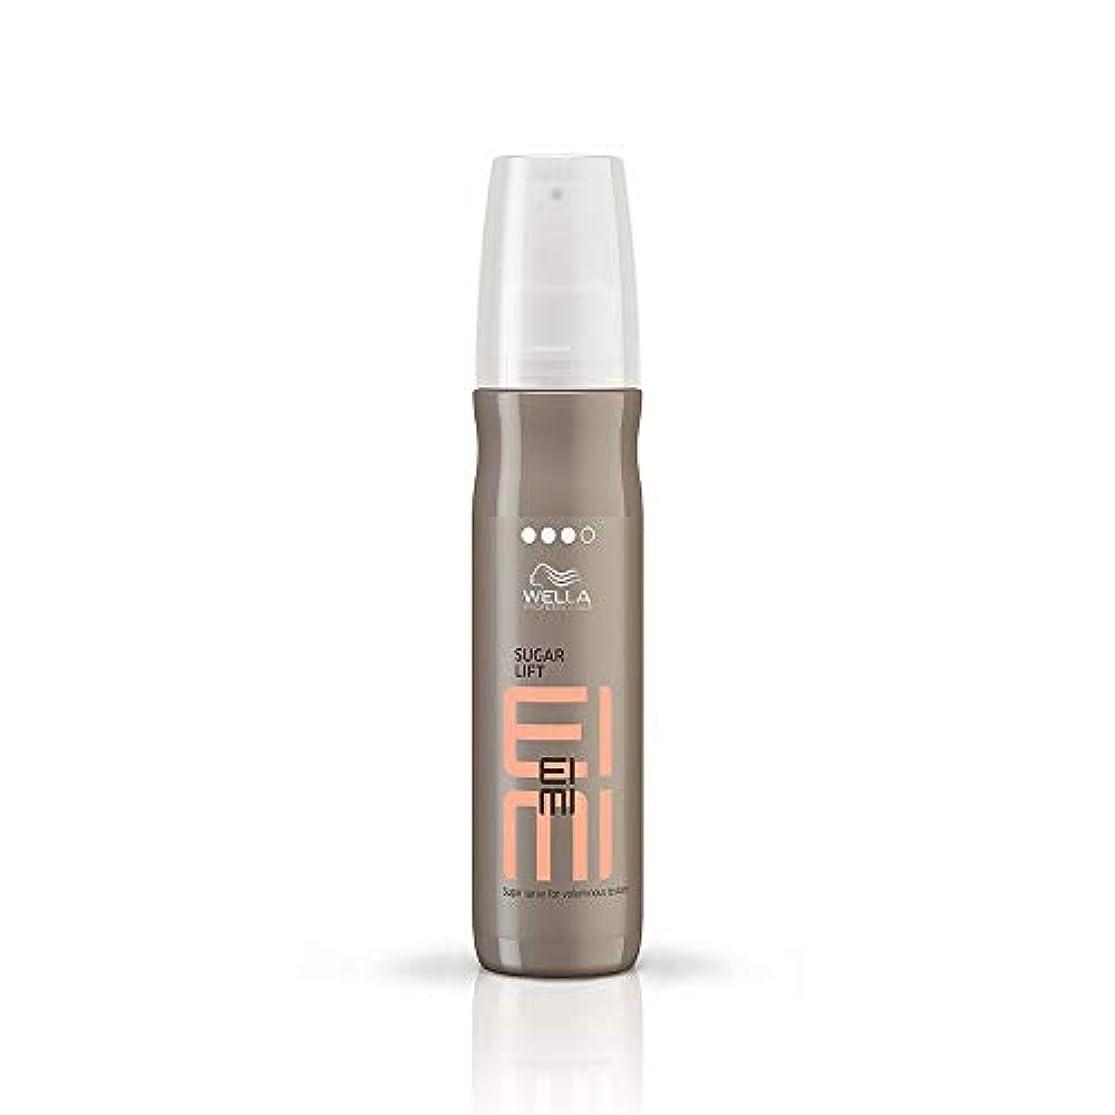 レルムスペクトラム歯ウエラ シュガー リフト スプレー Wella EIMI Sugar Lift Sugar Spray for Voluminous Texture 150 ml [並行輸入品]